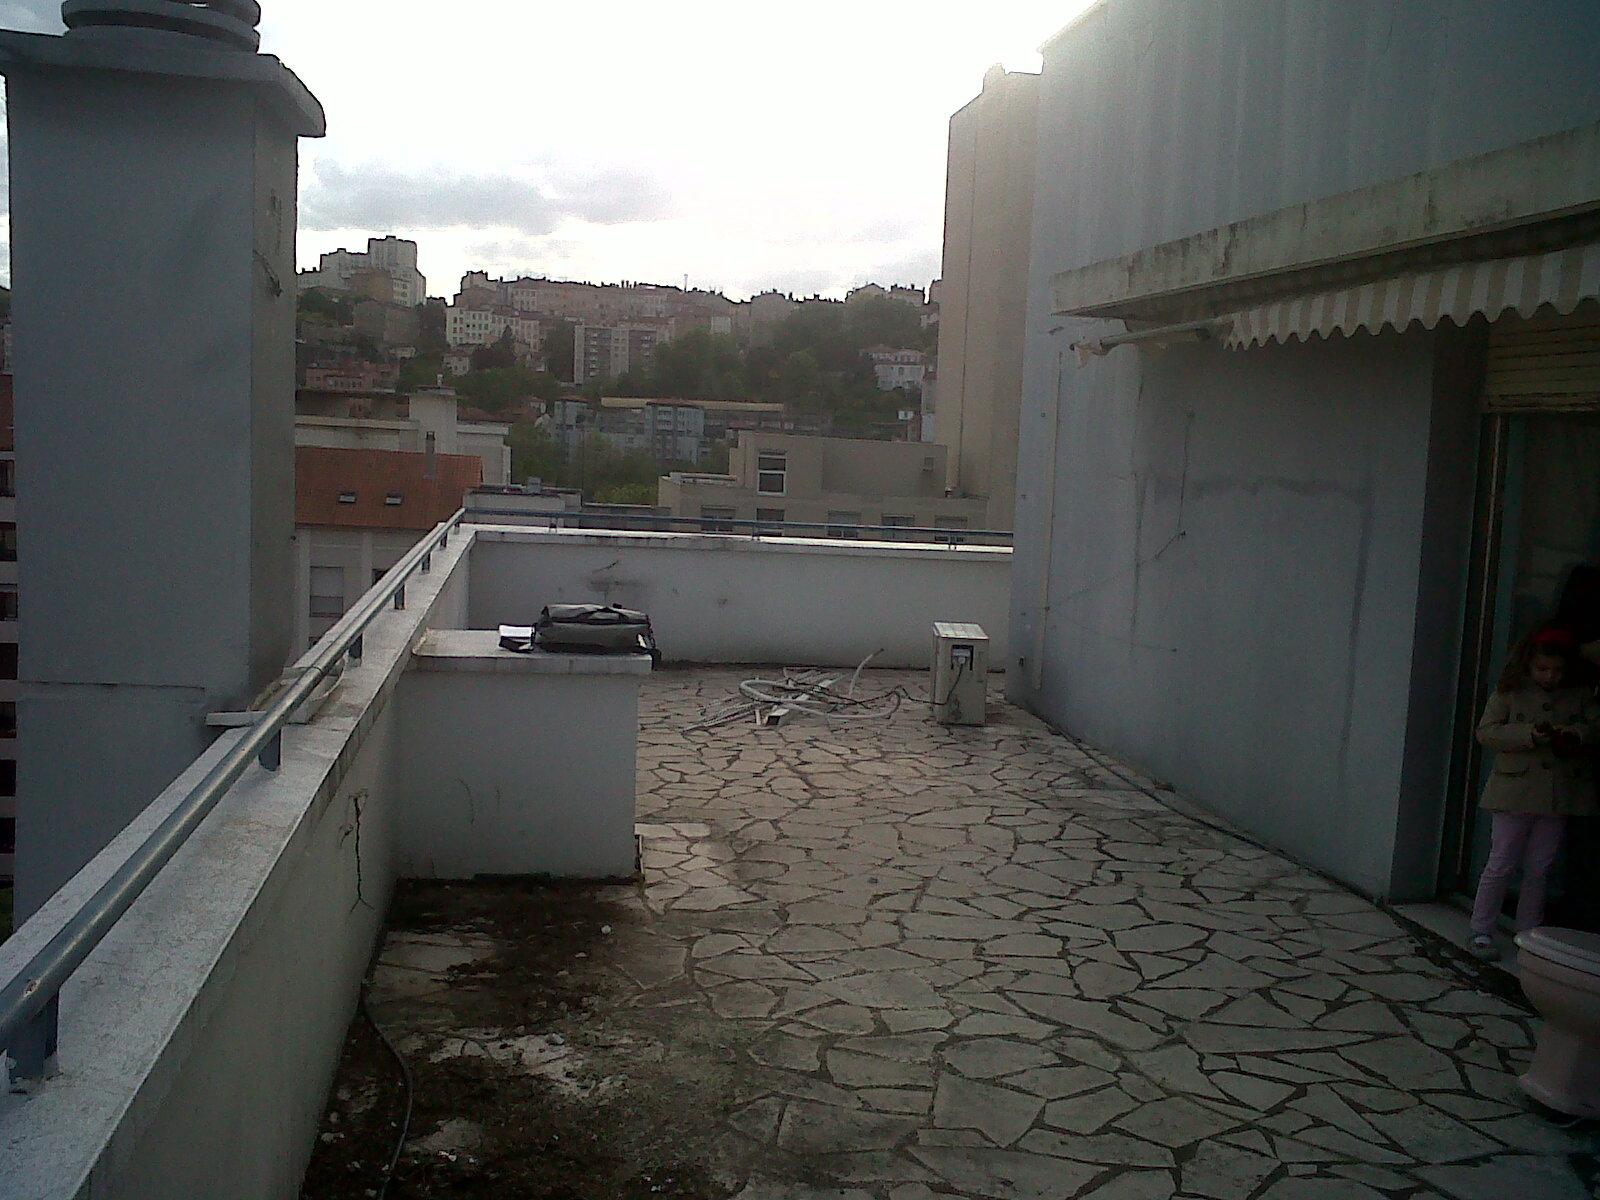 terrasse abandonn e lyon avec vue extraordinaire sur les collines de la ville. Black Bedroom Furniture Sets. Home Design Ideas